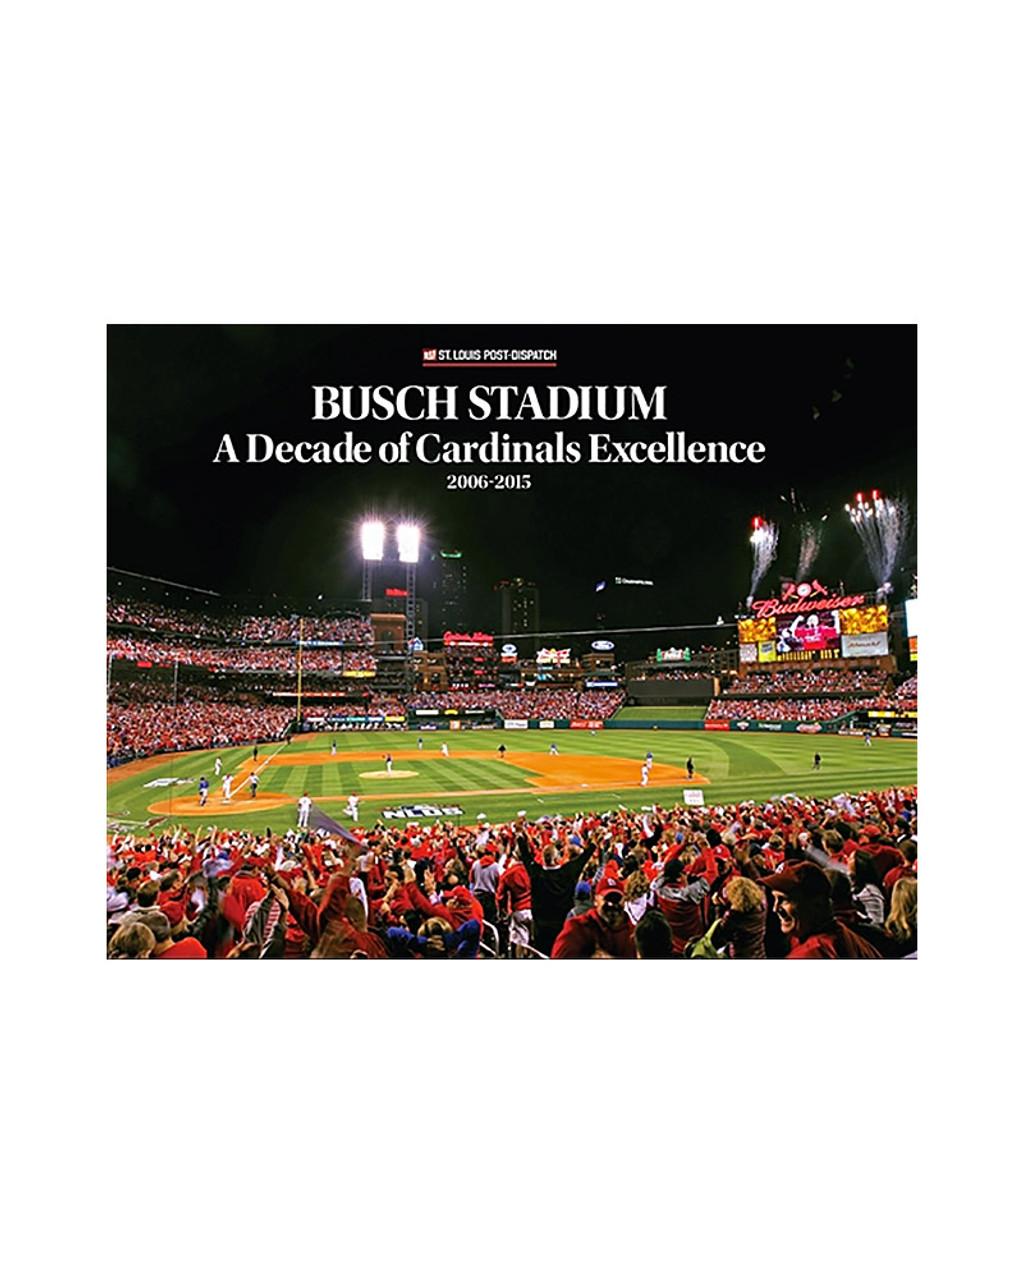 St Louis Cardinals Busch Stadium Final Season Holiday Ornament